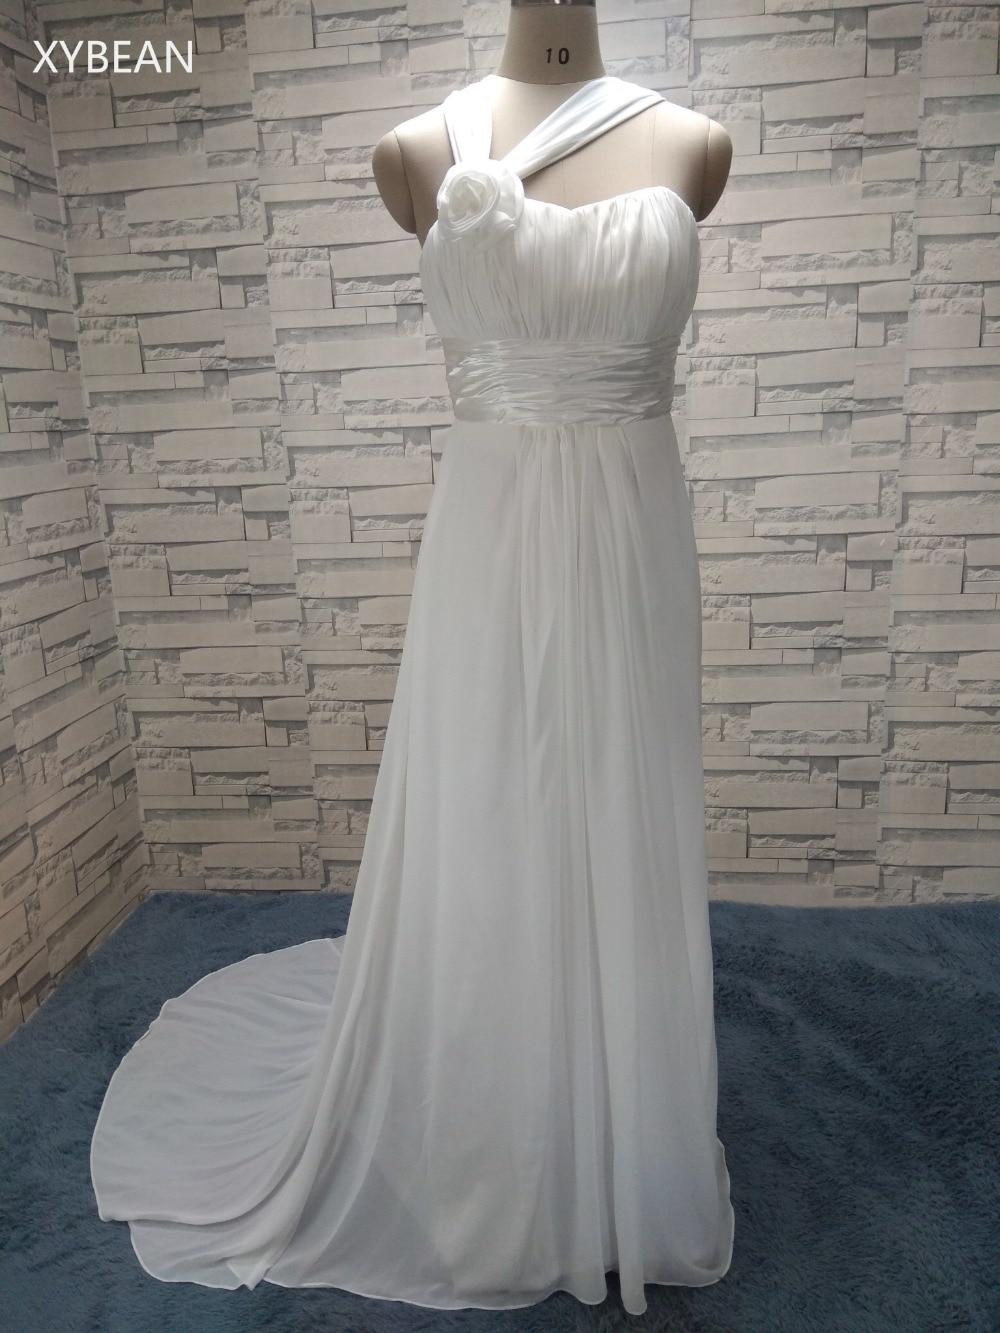 2015 جديد شحن مجاني الرسن الأشرطة - فساتين زفاف